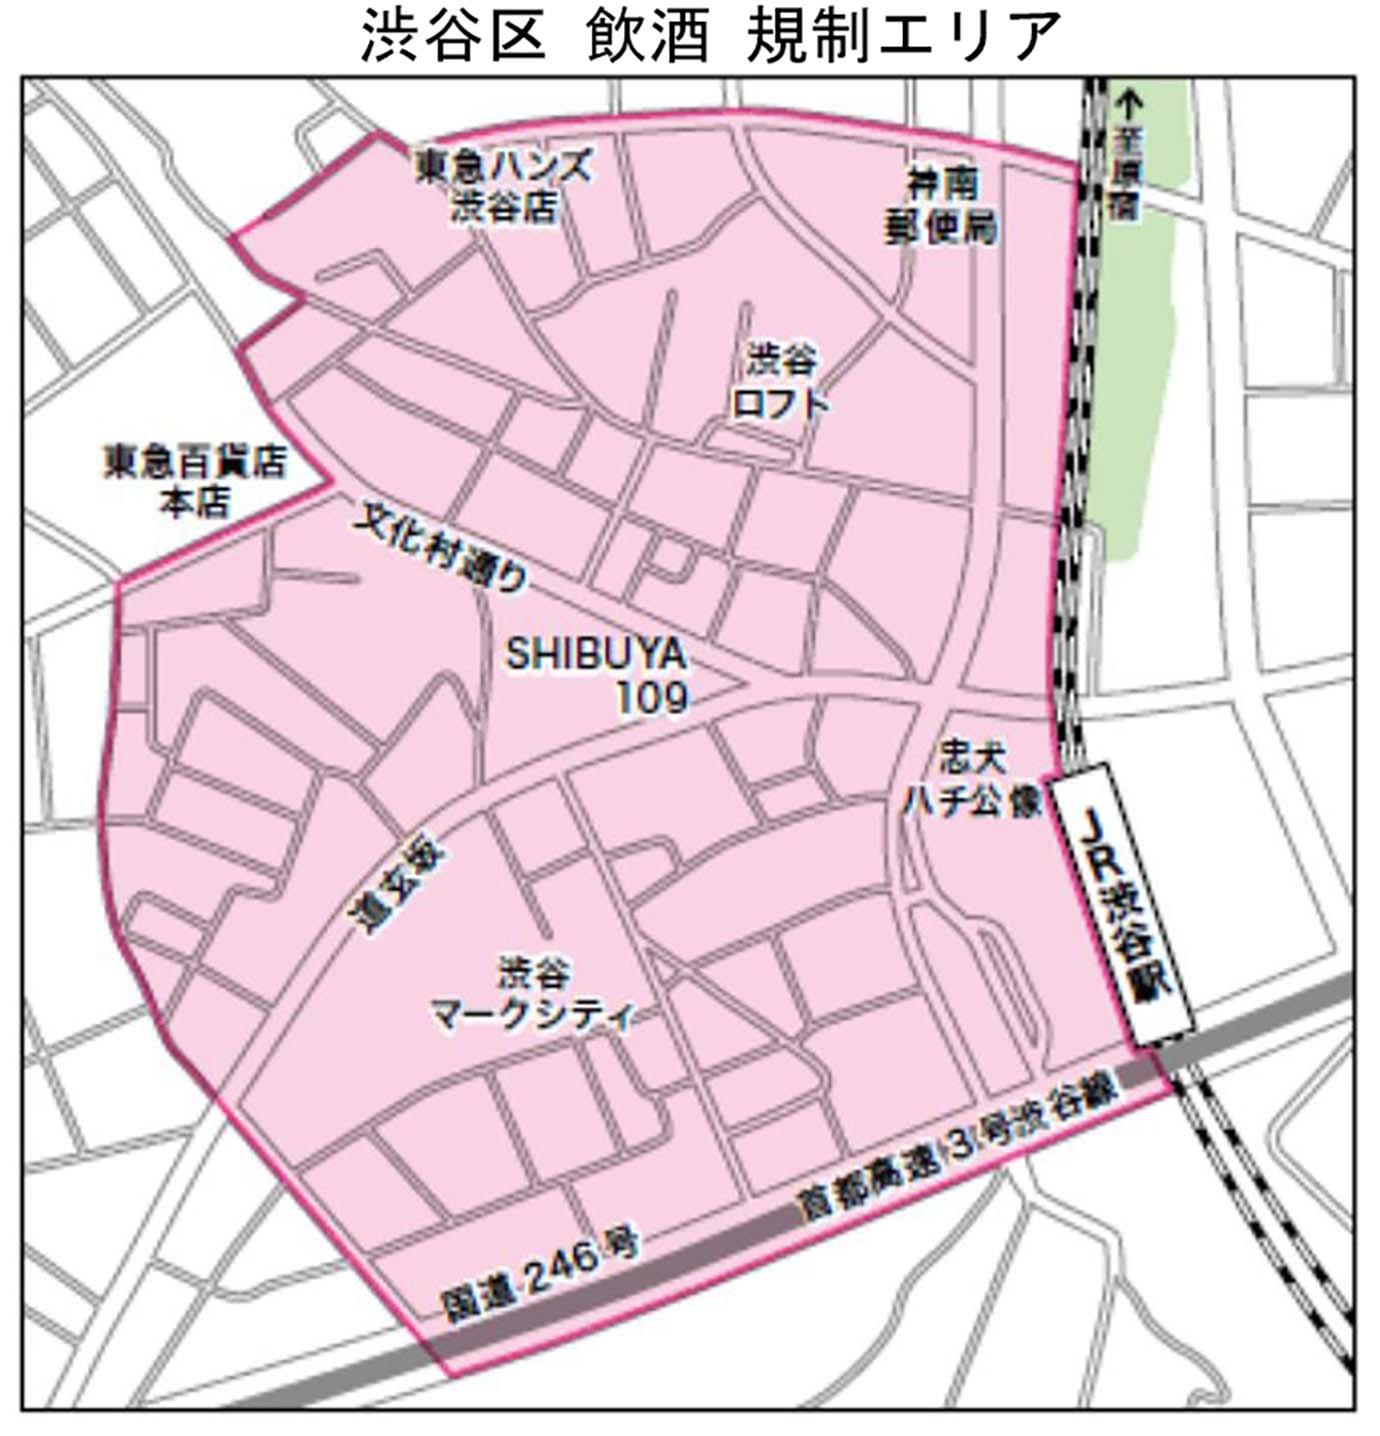 shibuyaku-insyu